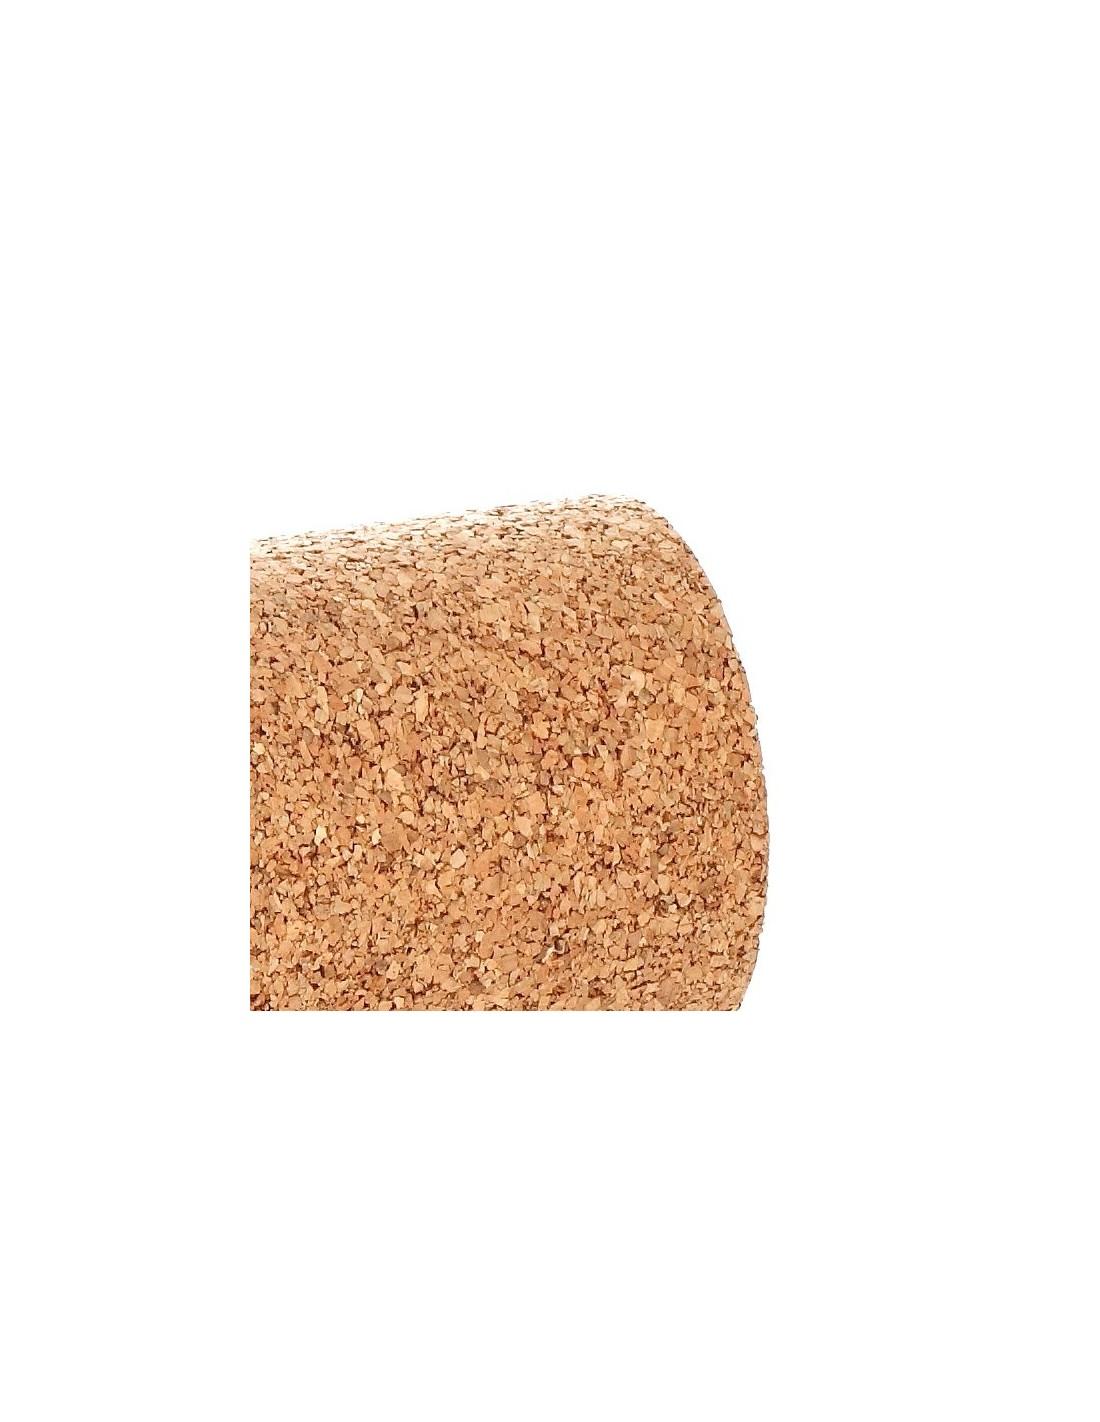 Rollos de corcho ac stico y t rmico para pavimentos flotantes - Rollo de corcho ...